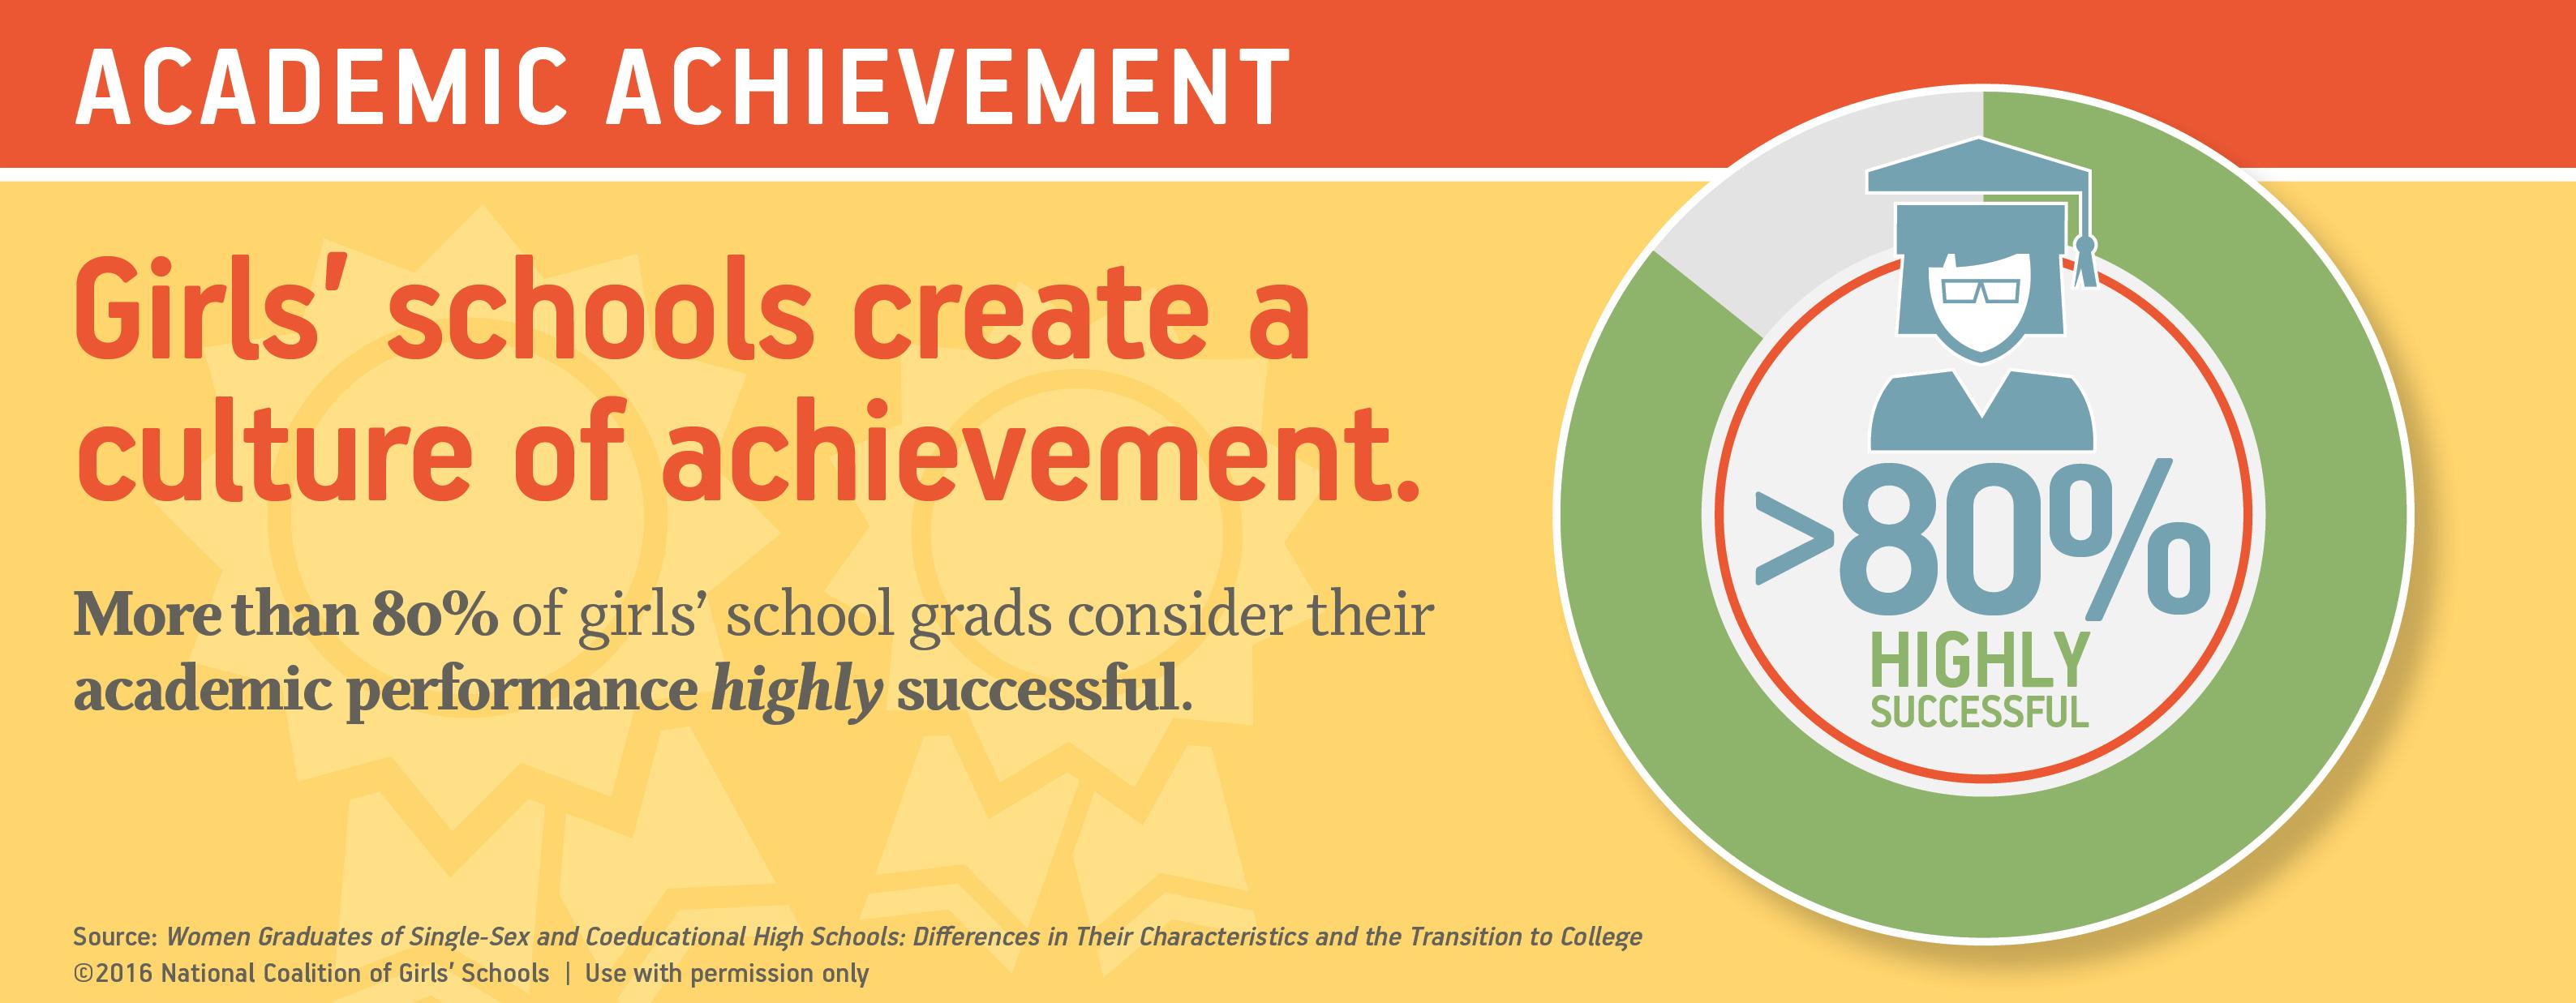 AcademicAchievement.jpg